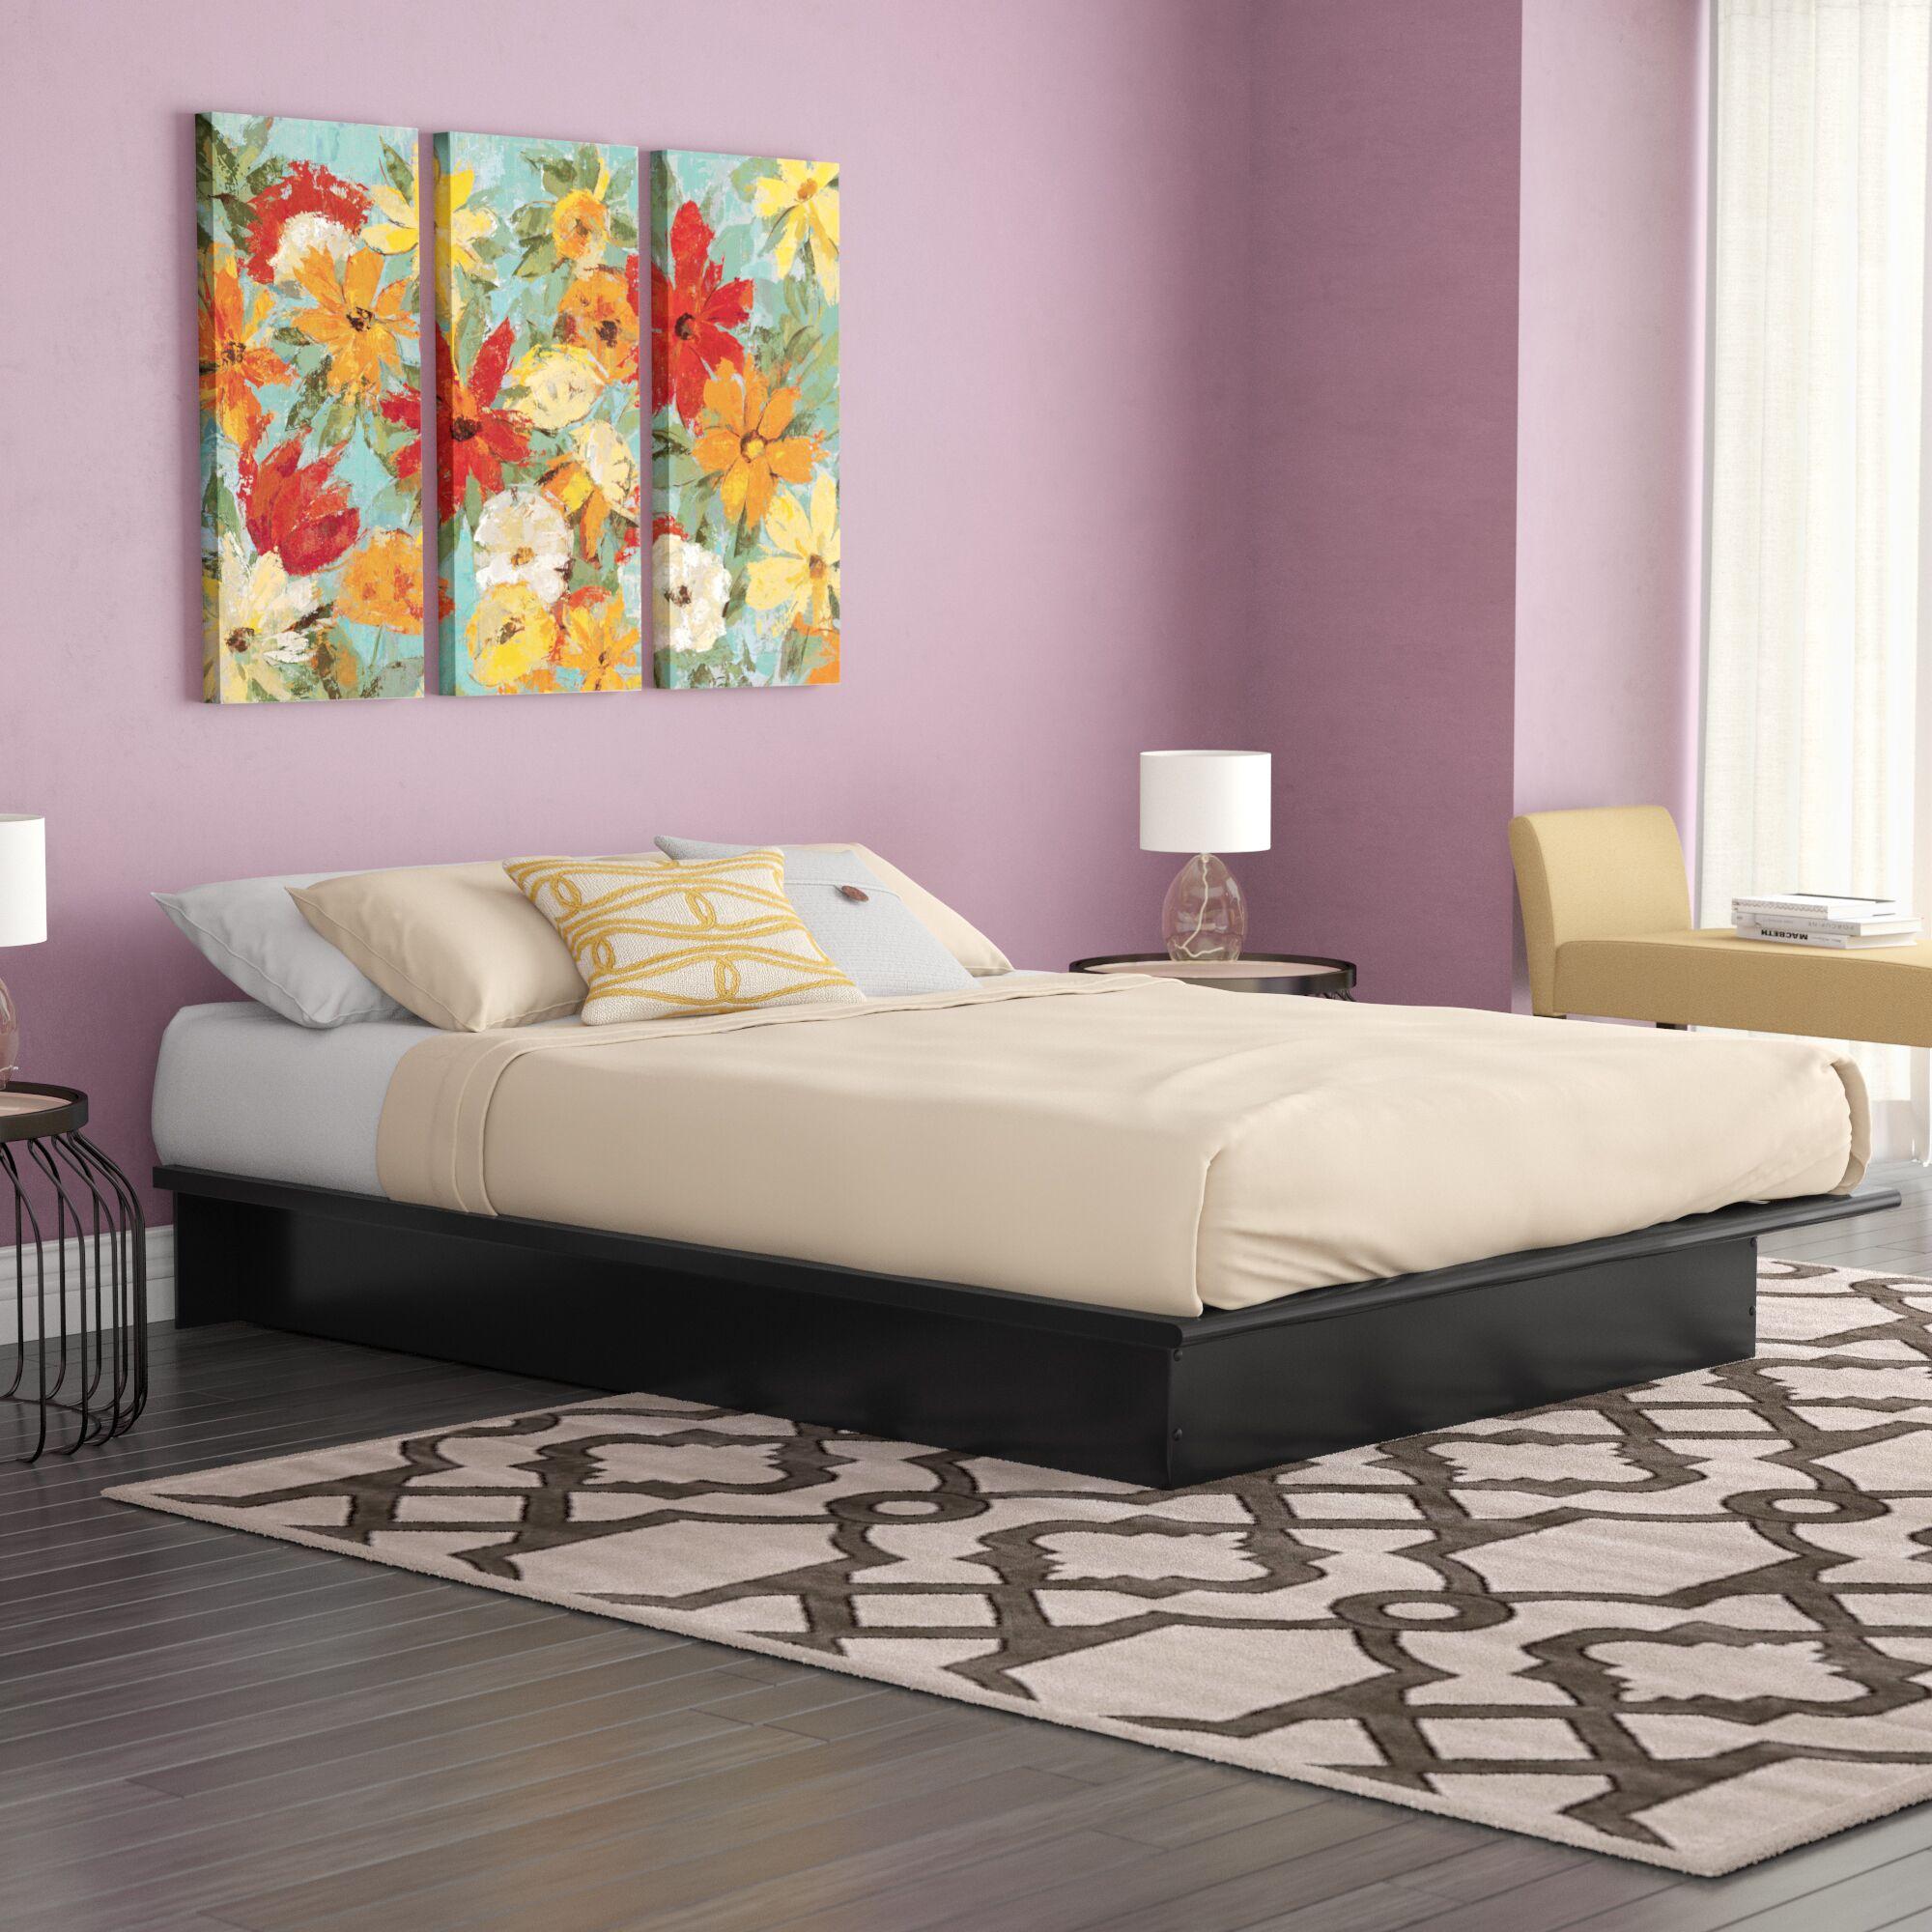 Raasch Platform Bed Size: Queen, Color: Black